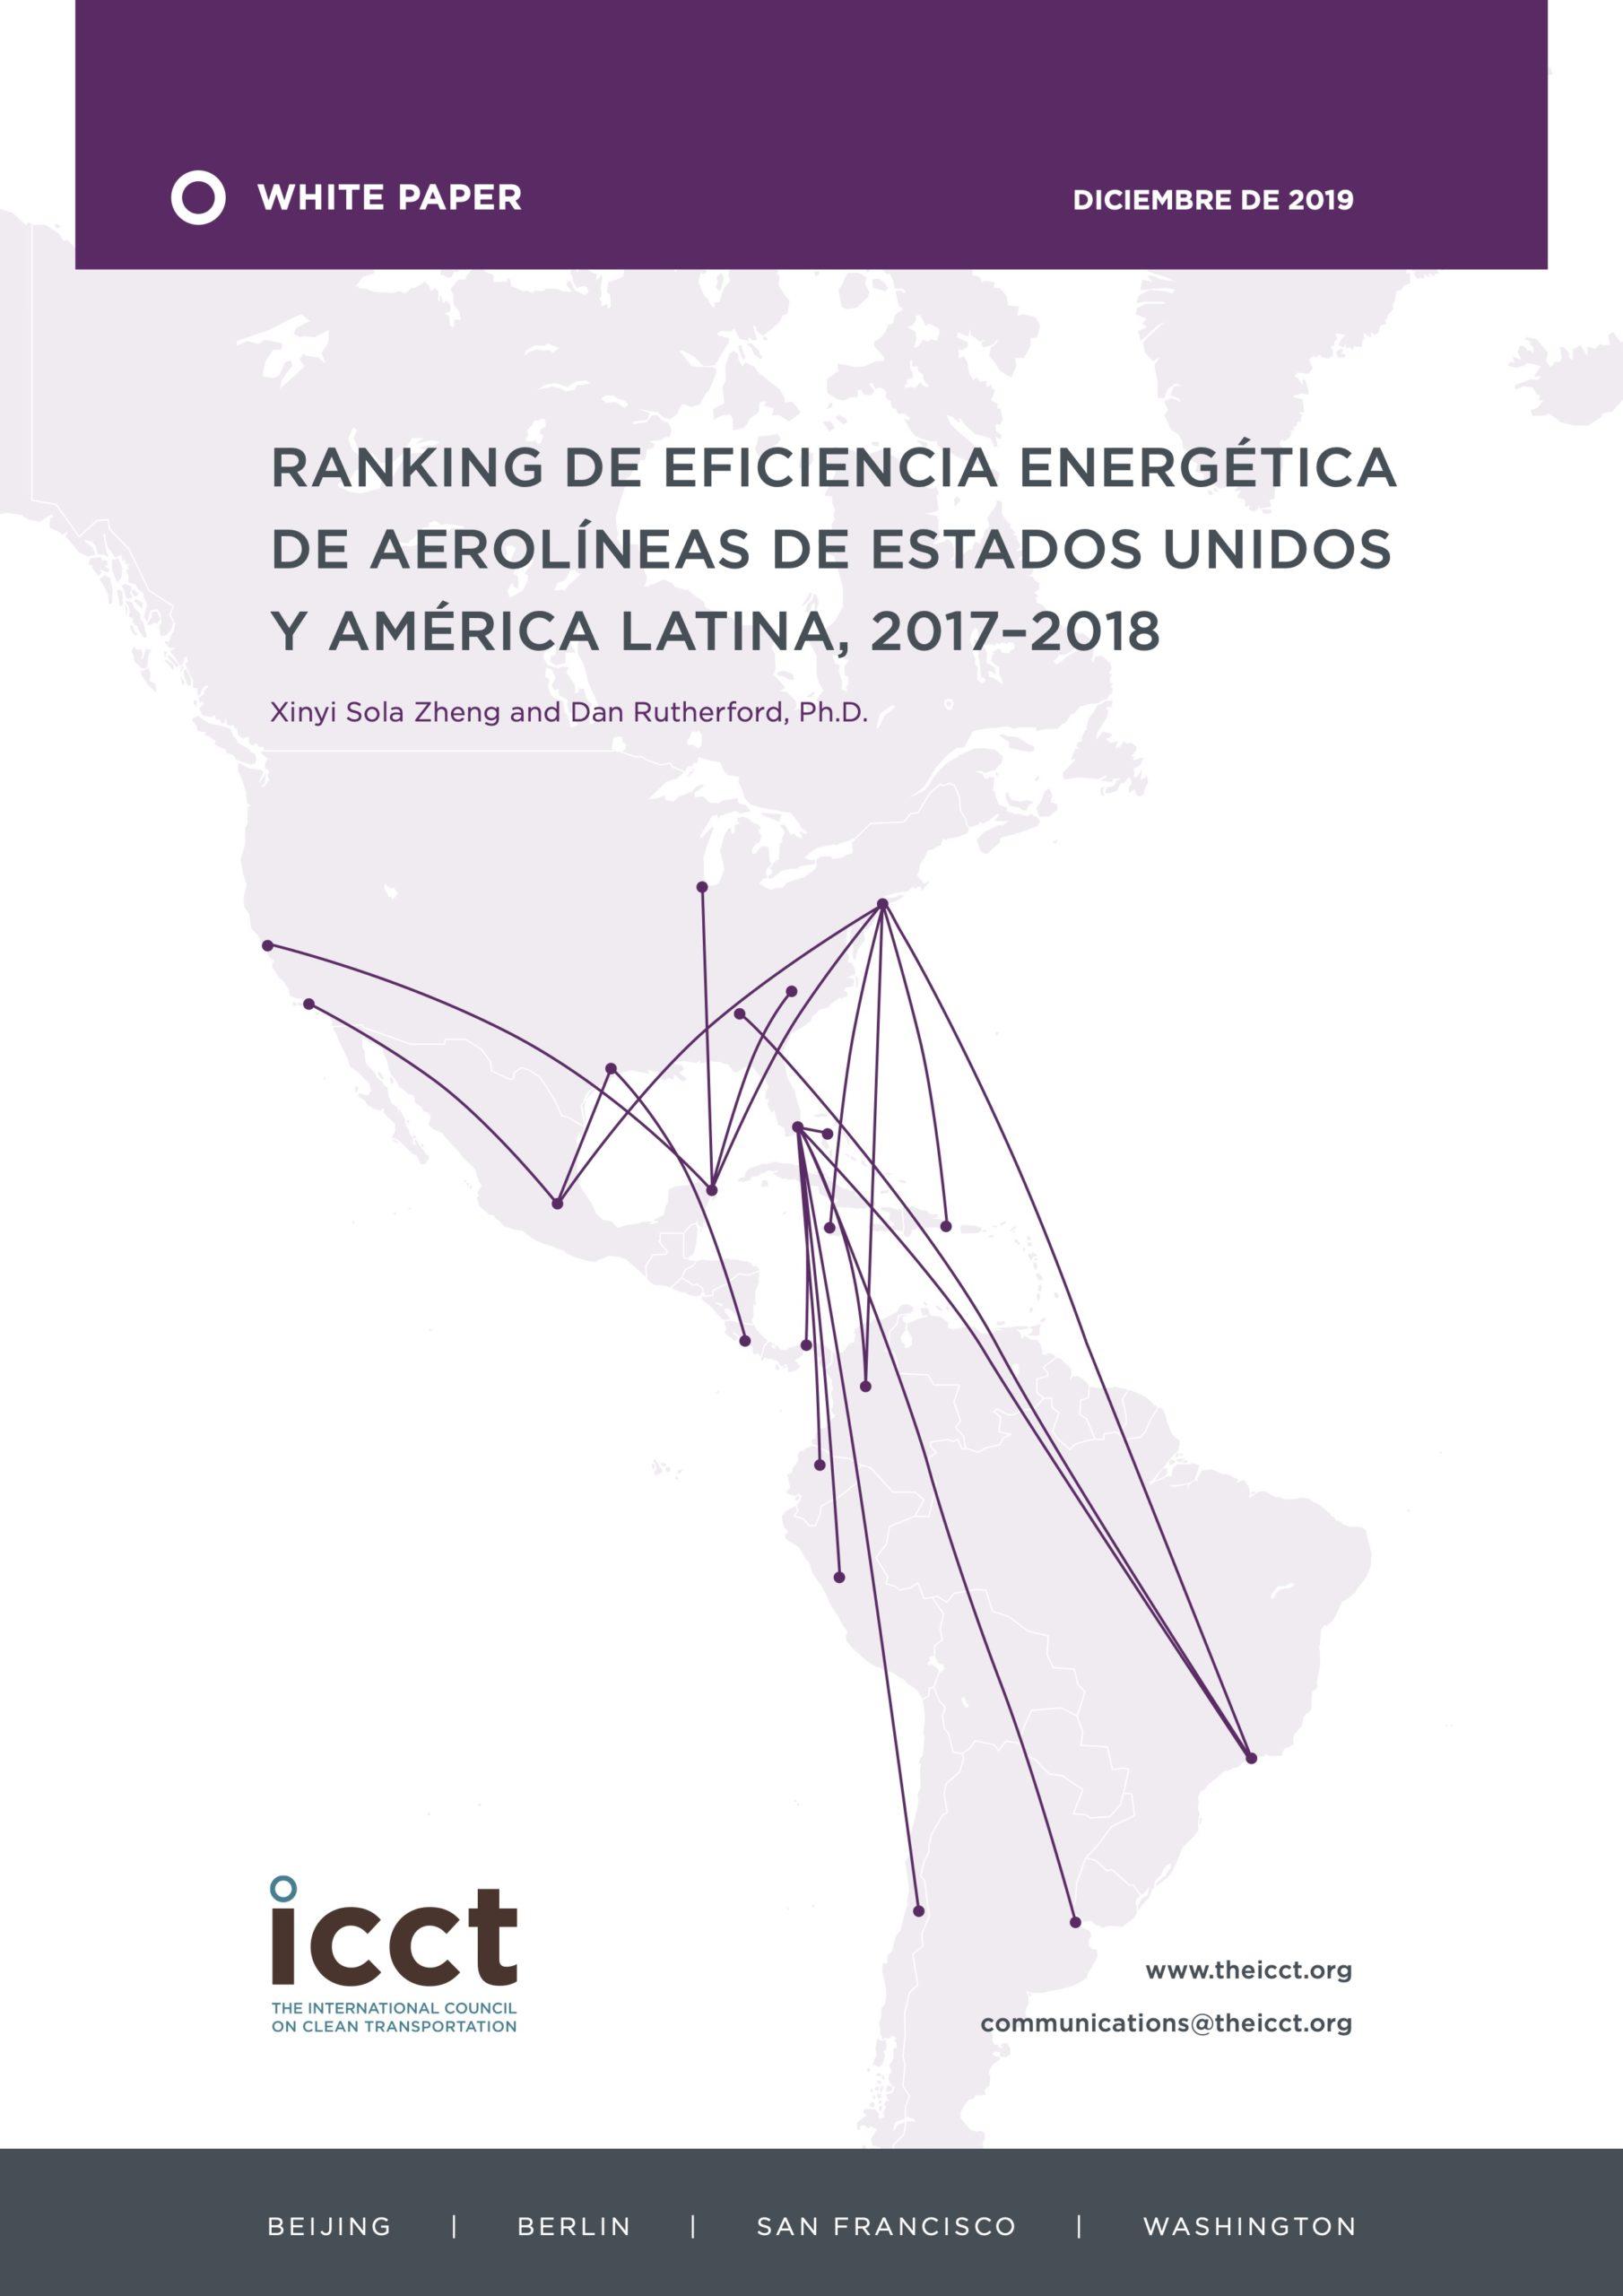 Ranking de eficiencia energética de aerolíneas de Estados Unidos y América Latina, 2017–2018 - Filigrana Traducciones